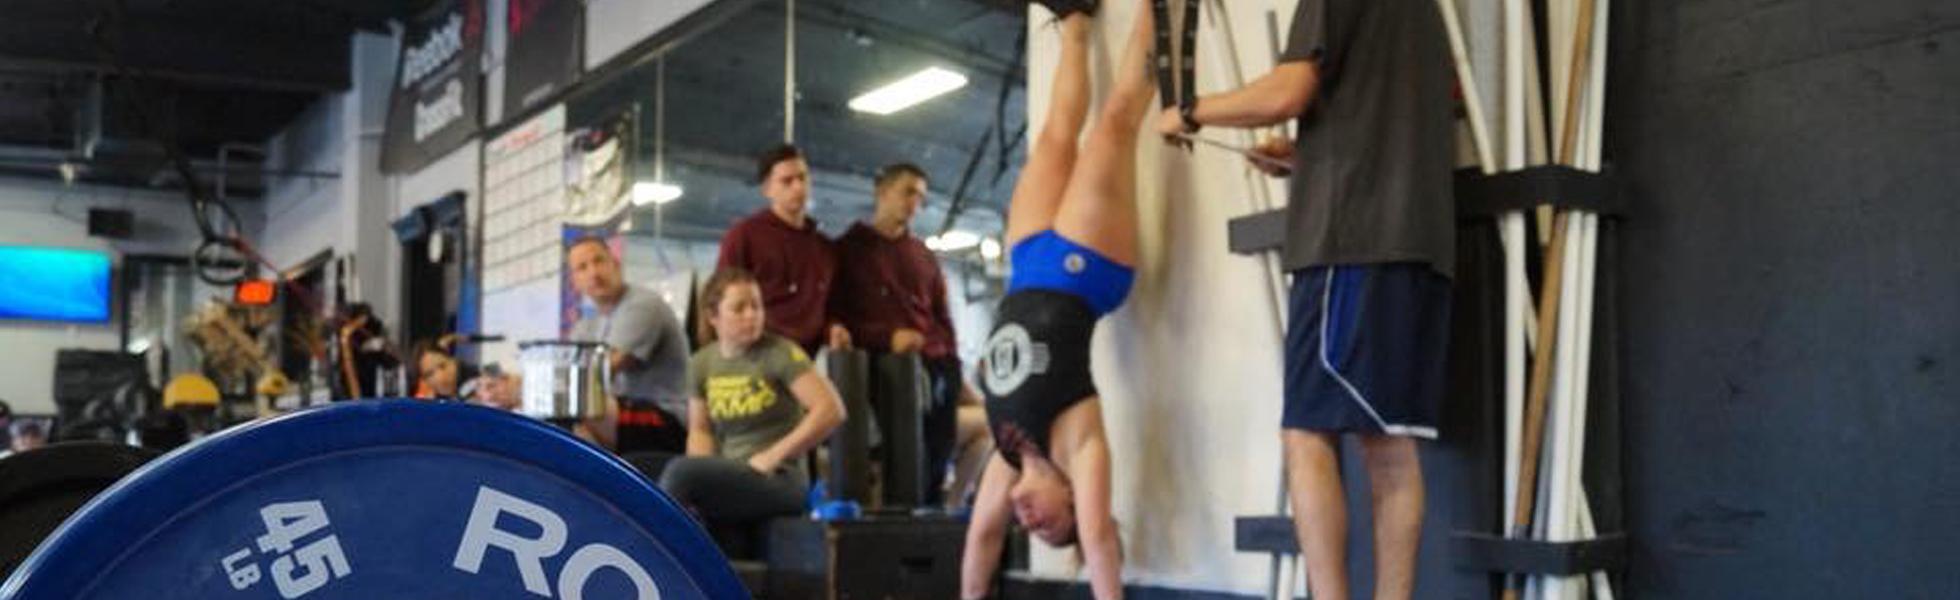 Drop In at HV Tribe CrossFit in Goshen, NY